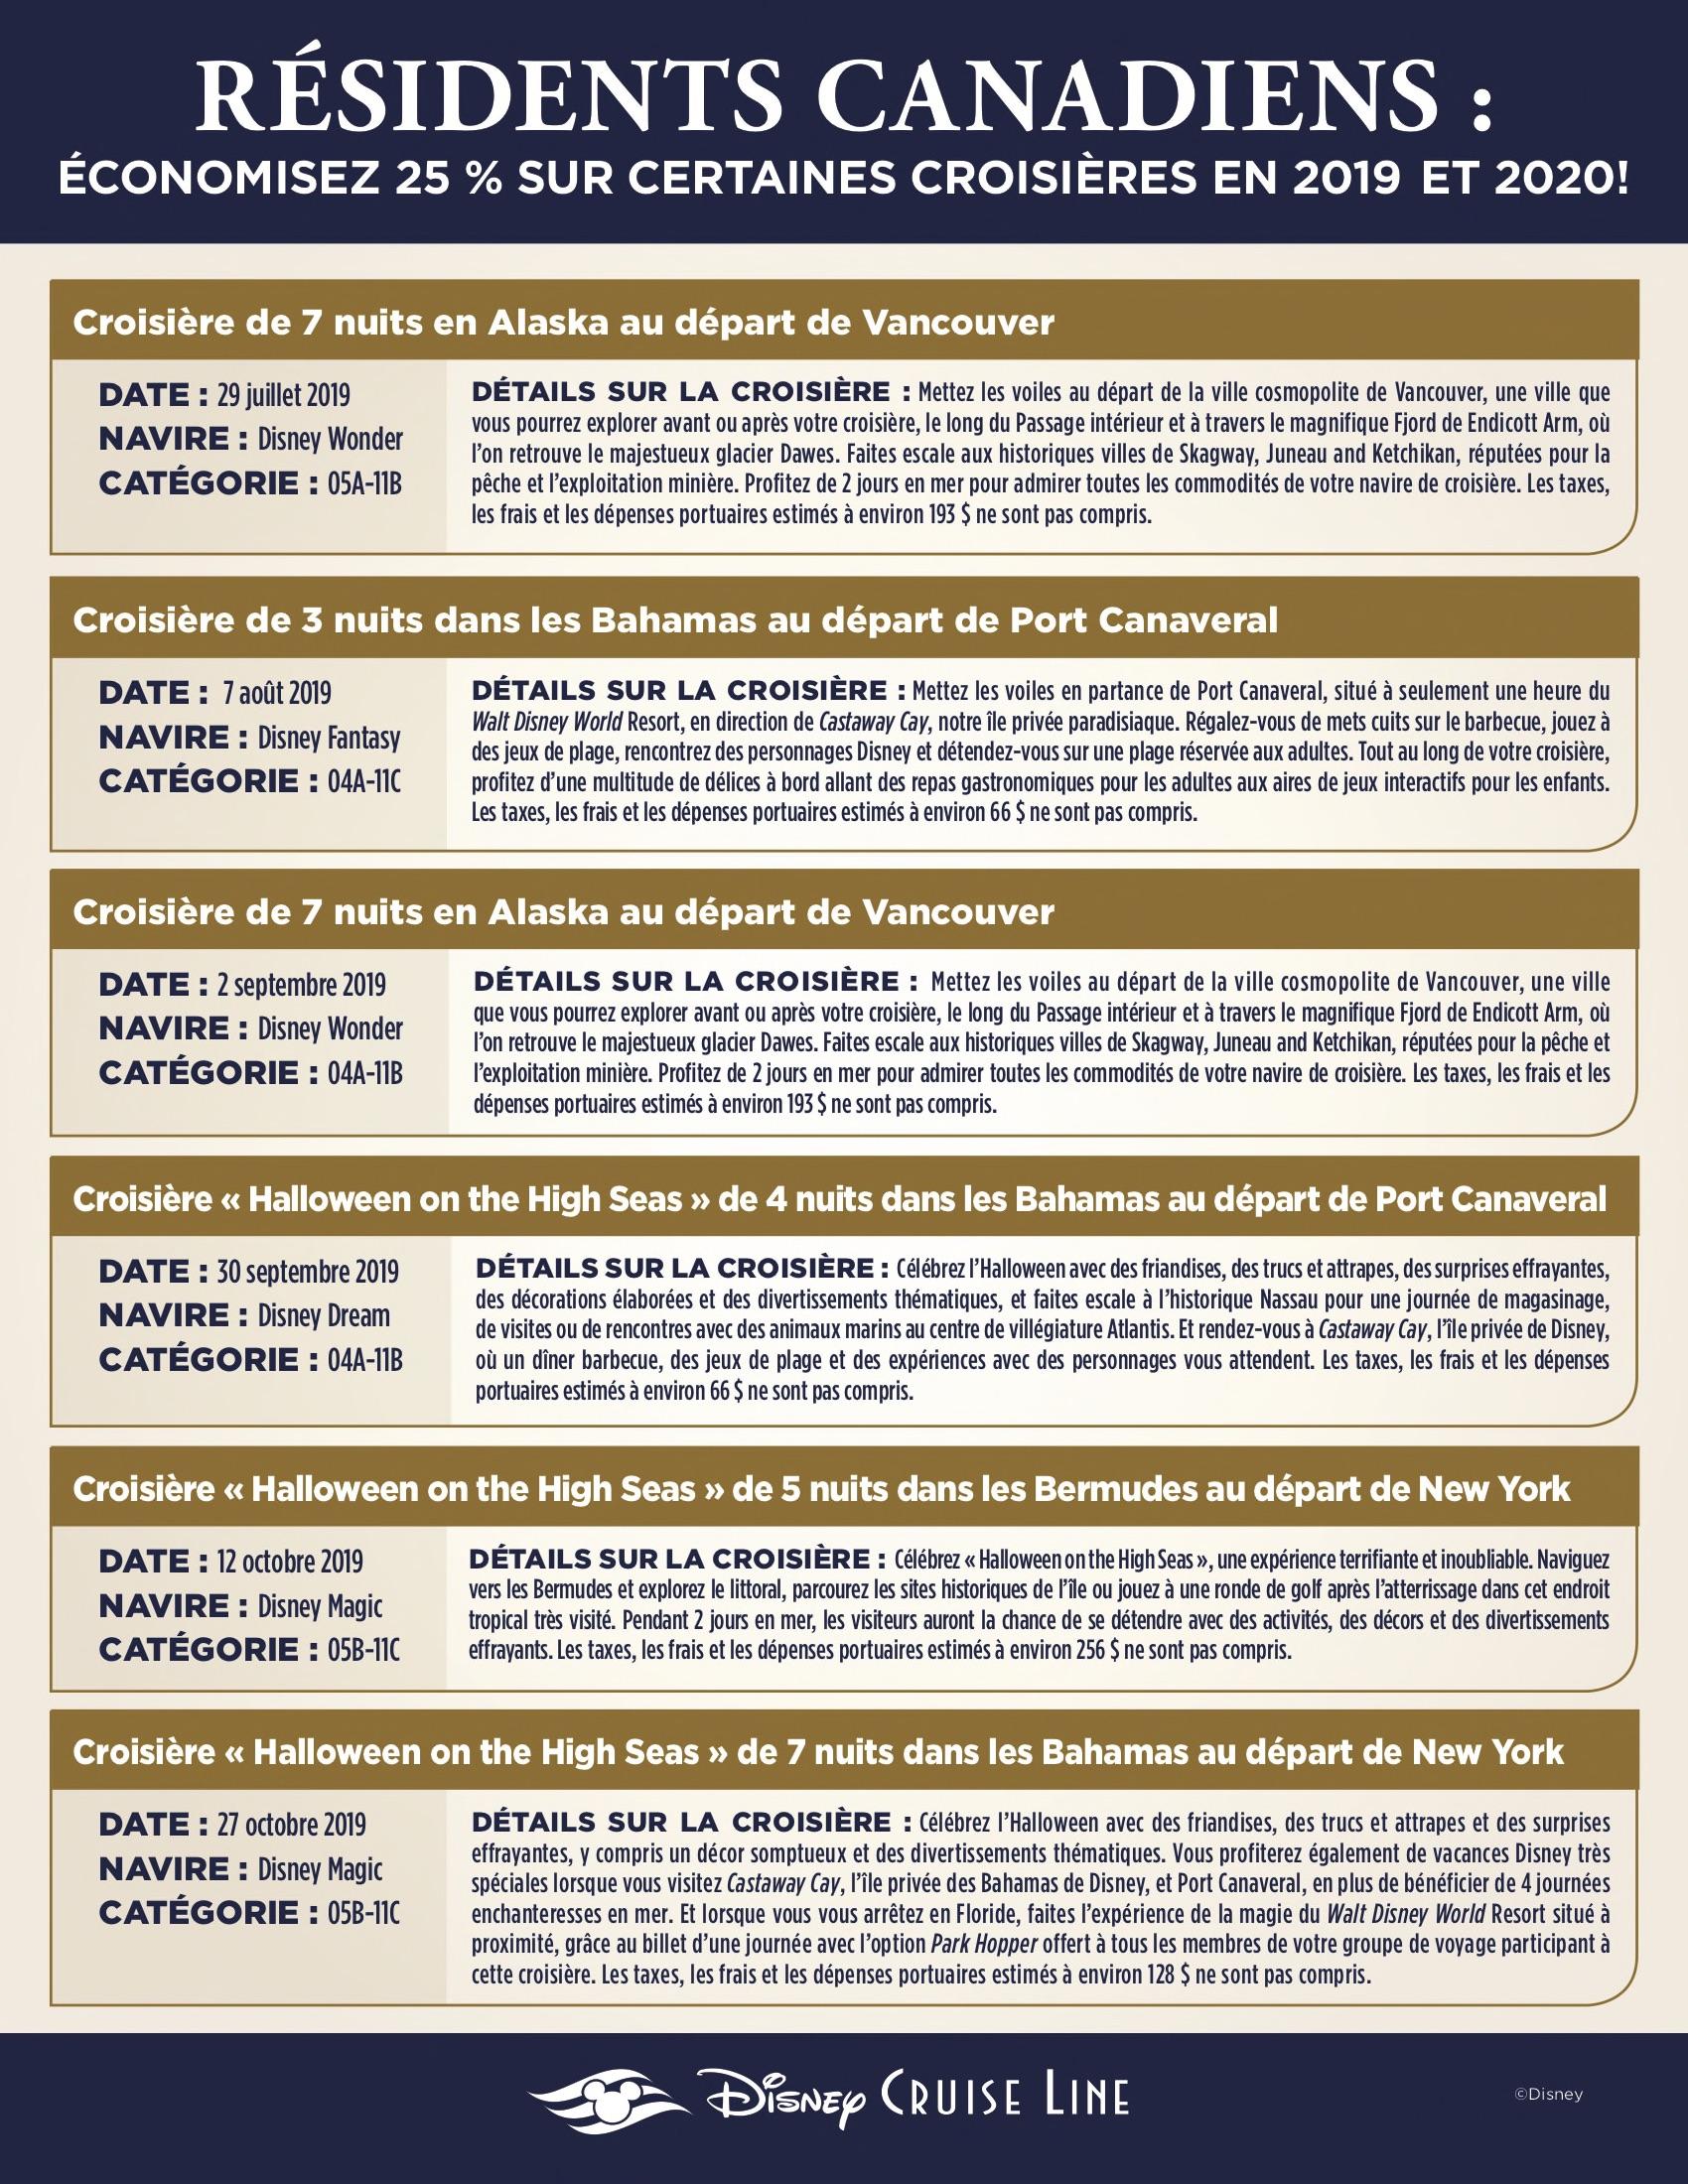 Promotion Résidents Canadiens - Disney Cruise Line